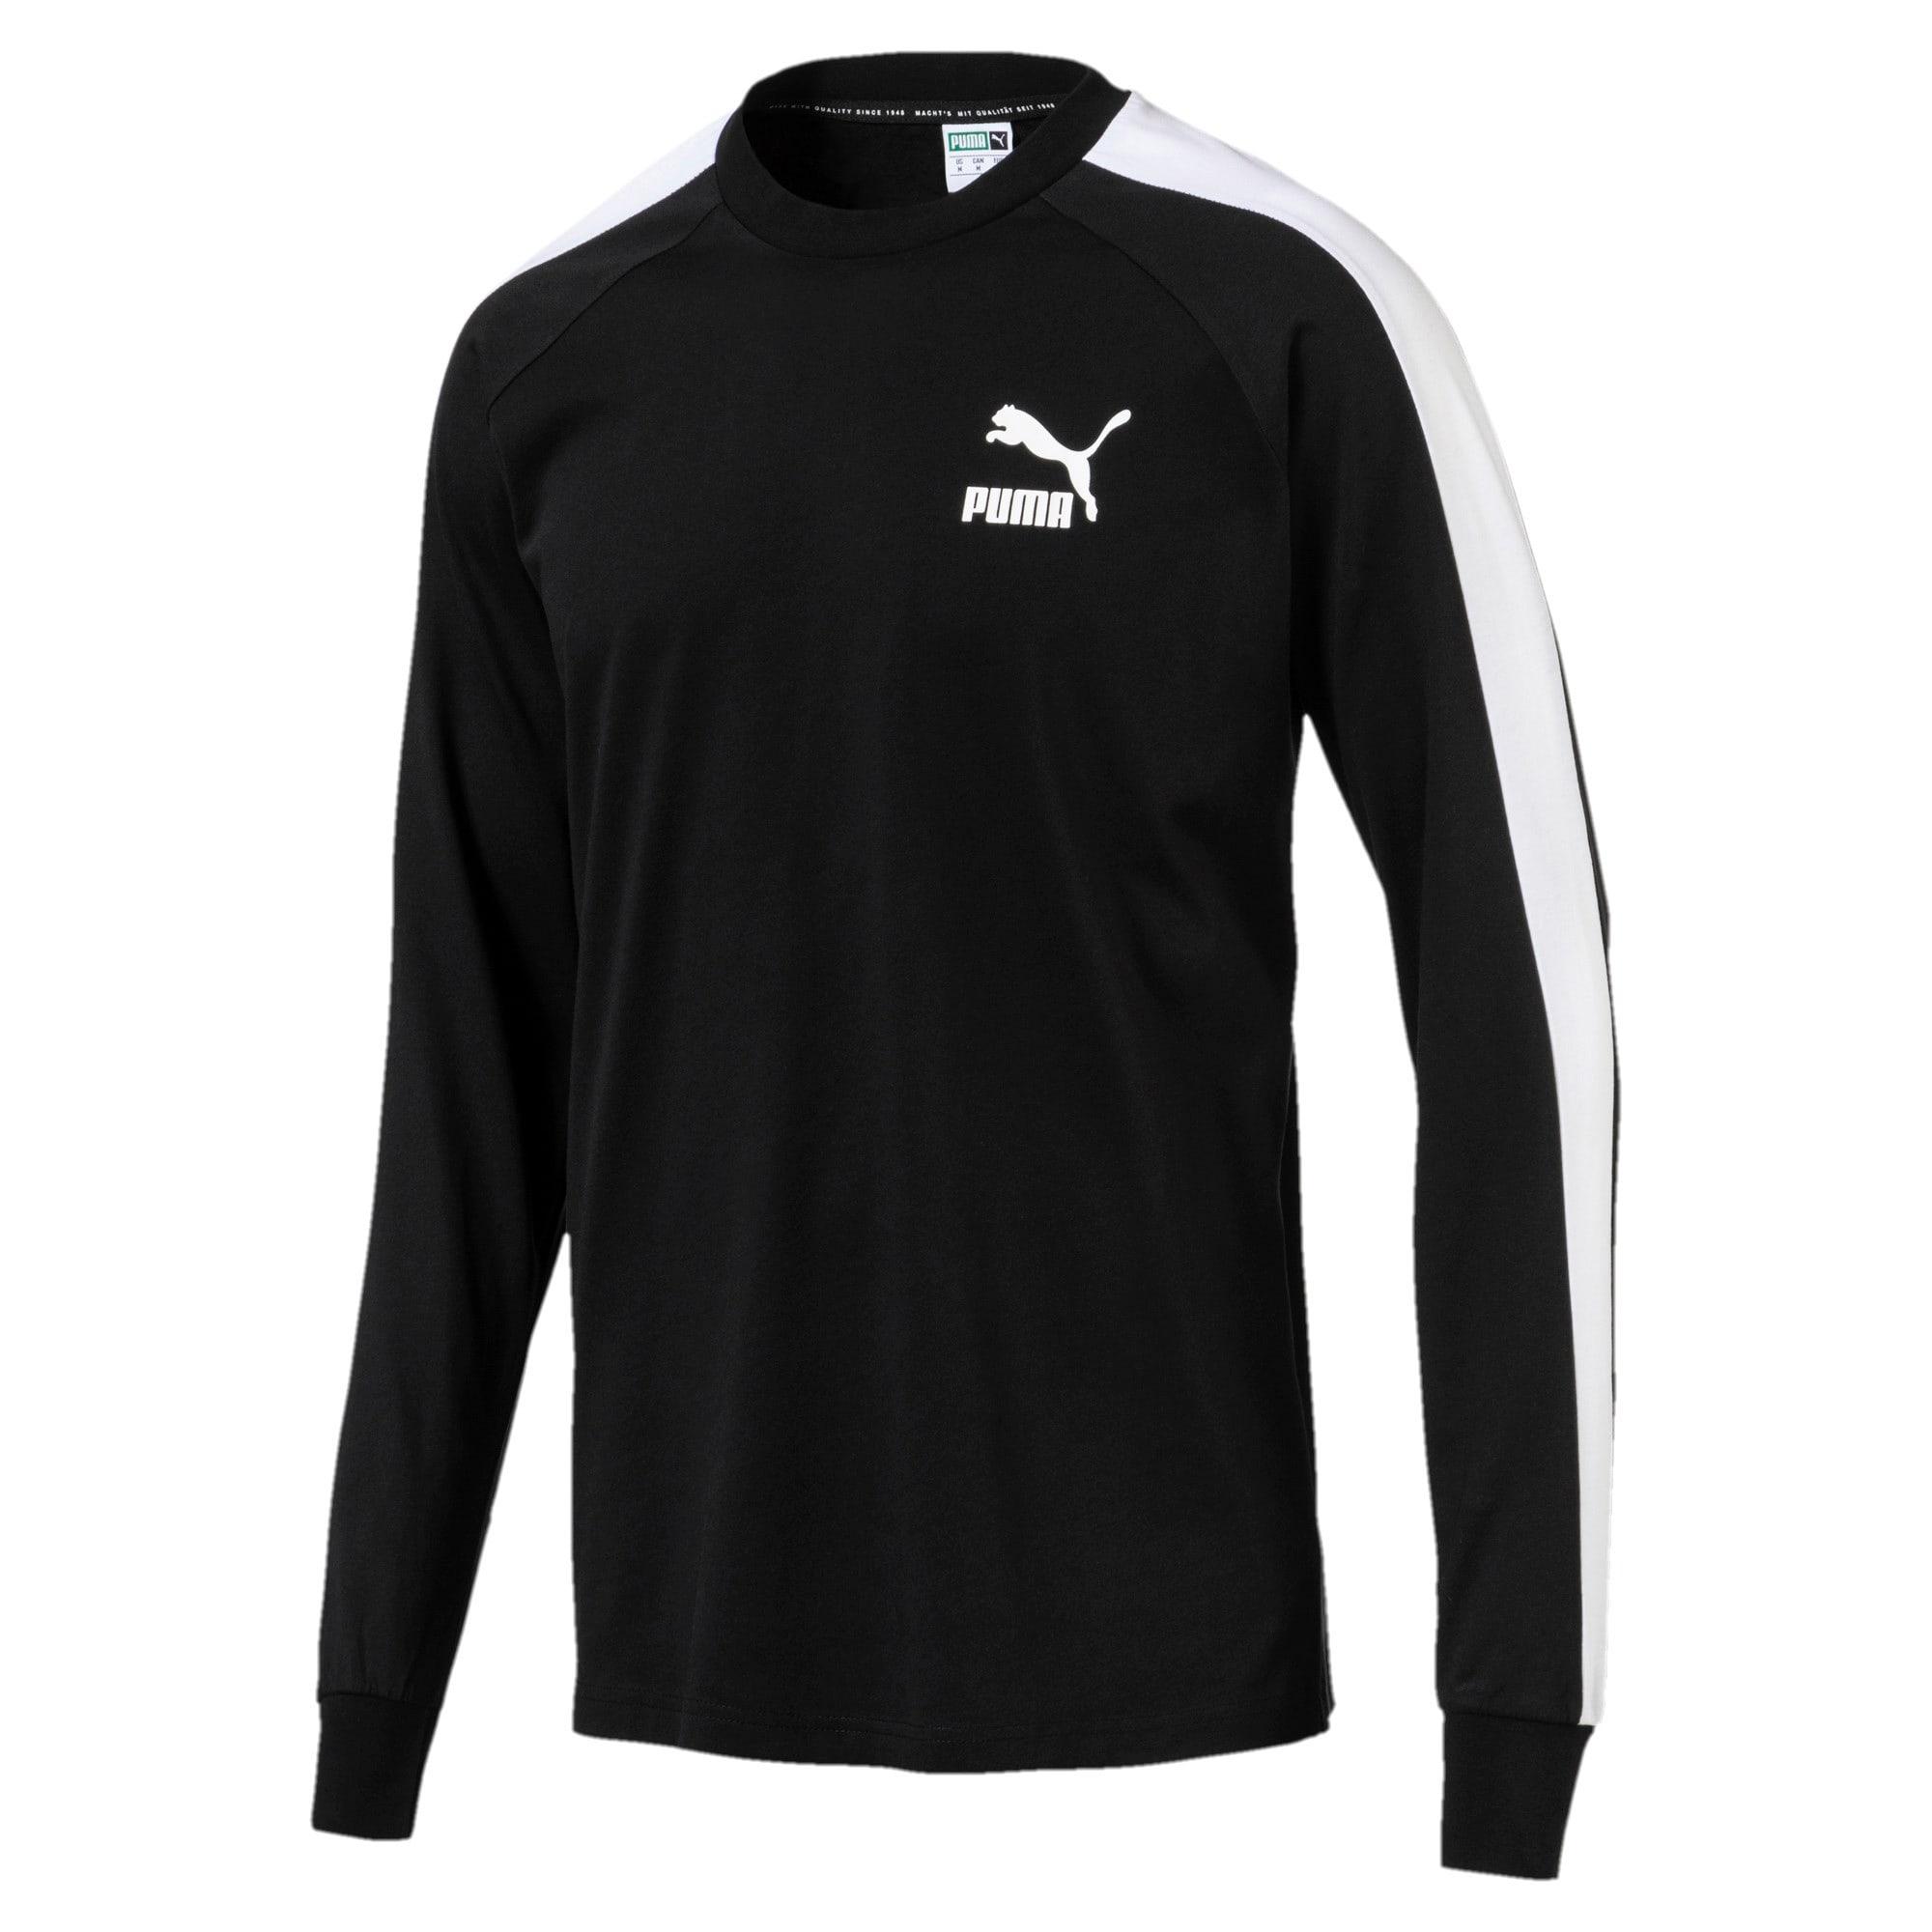 Thumbnail 1 of Classics T7 LS T-Shirt, Puma Black, medium